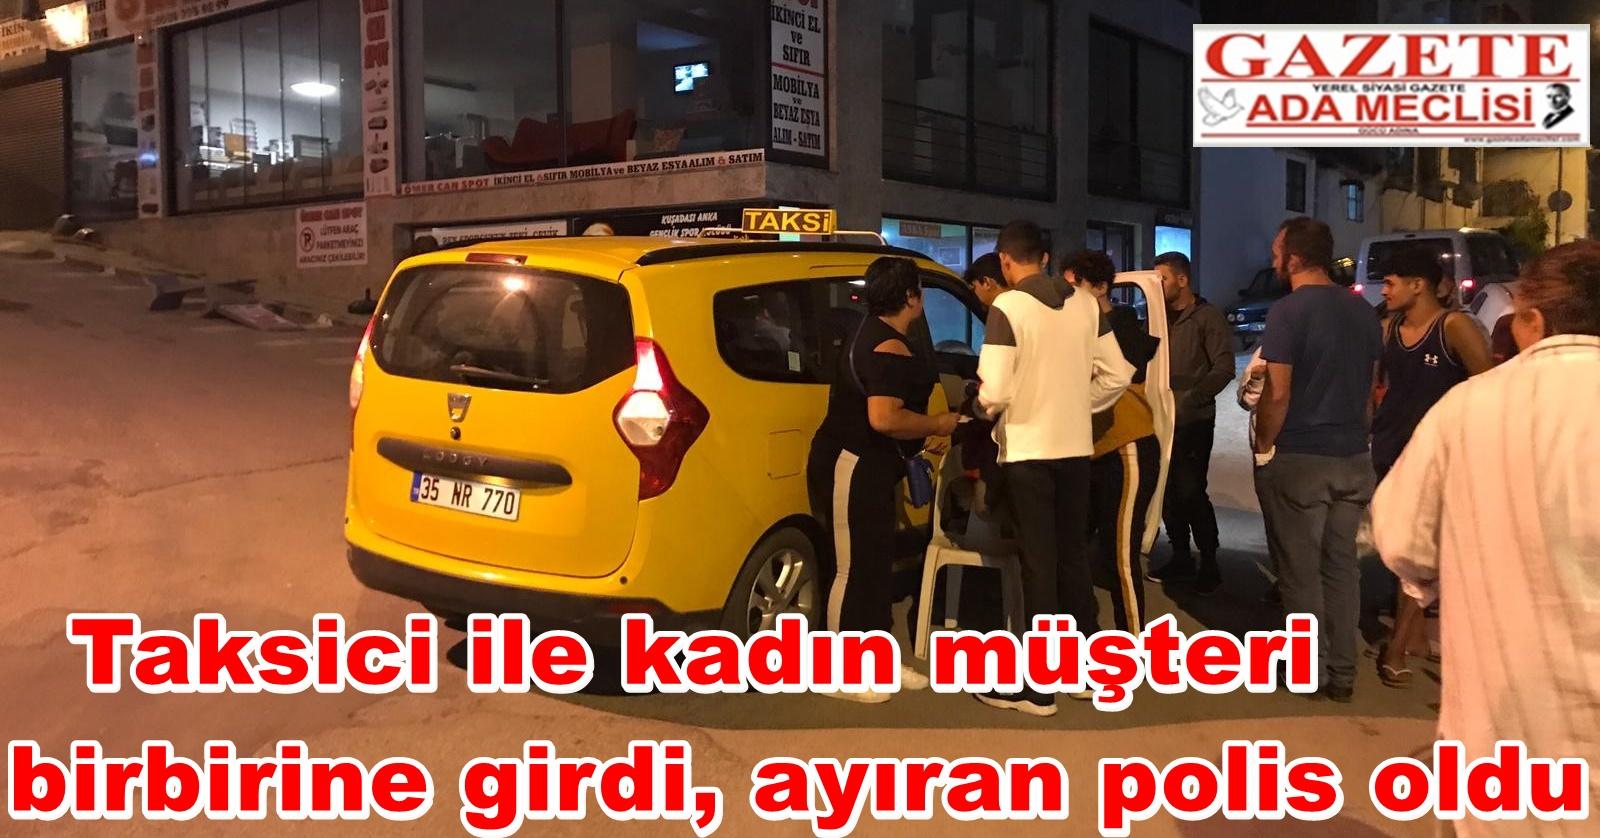 Taksici ile kadın müşteri birbirine girdi, ayıran polis oldu